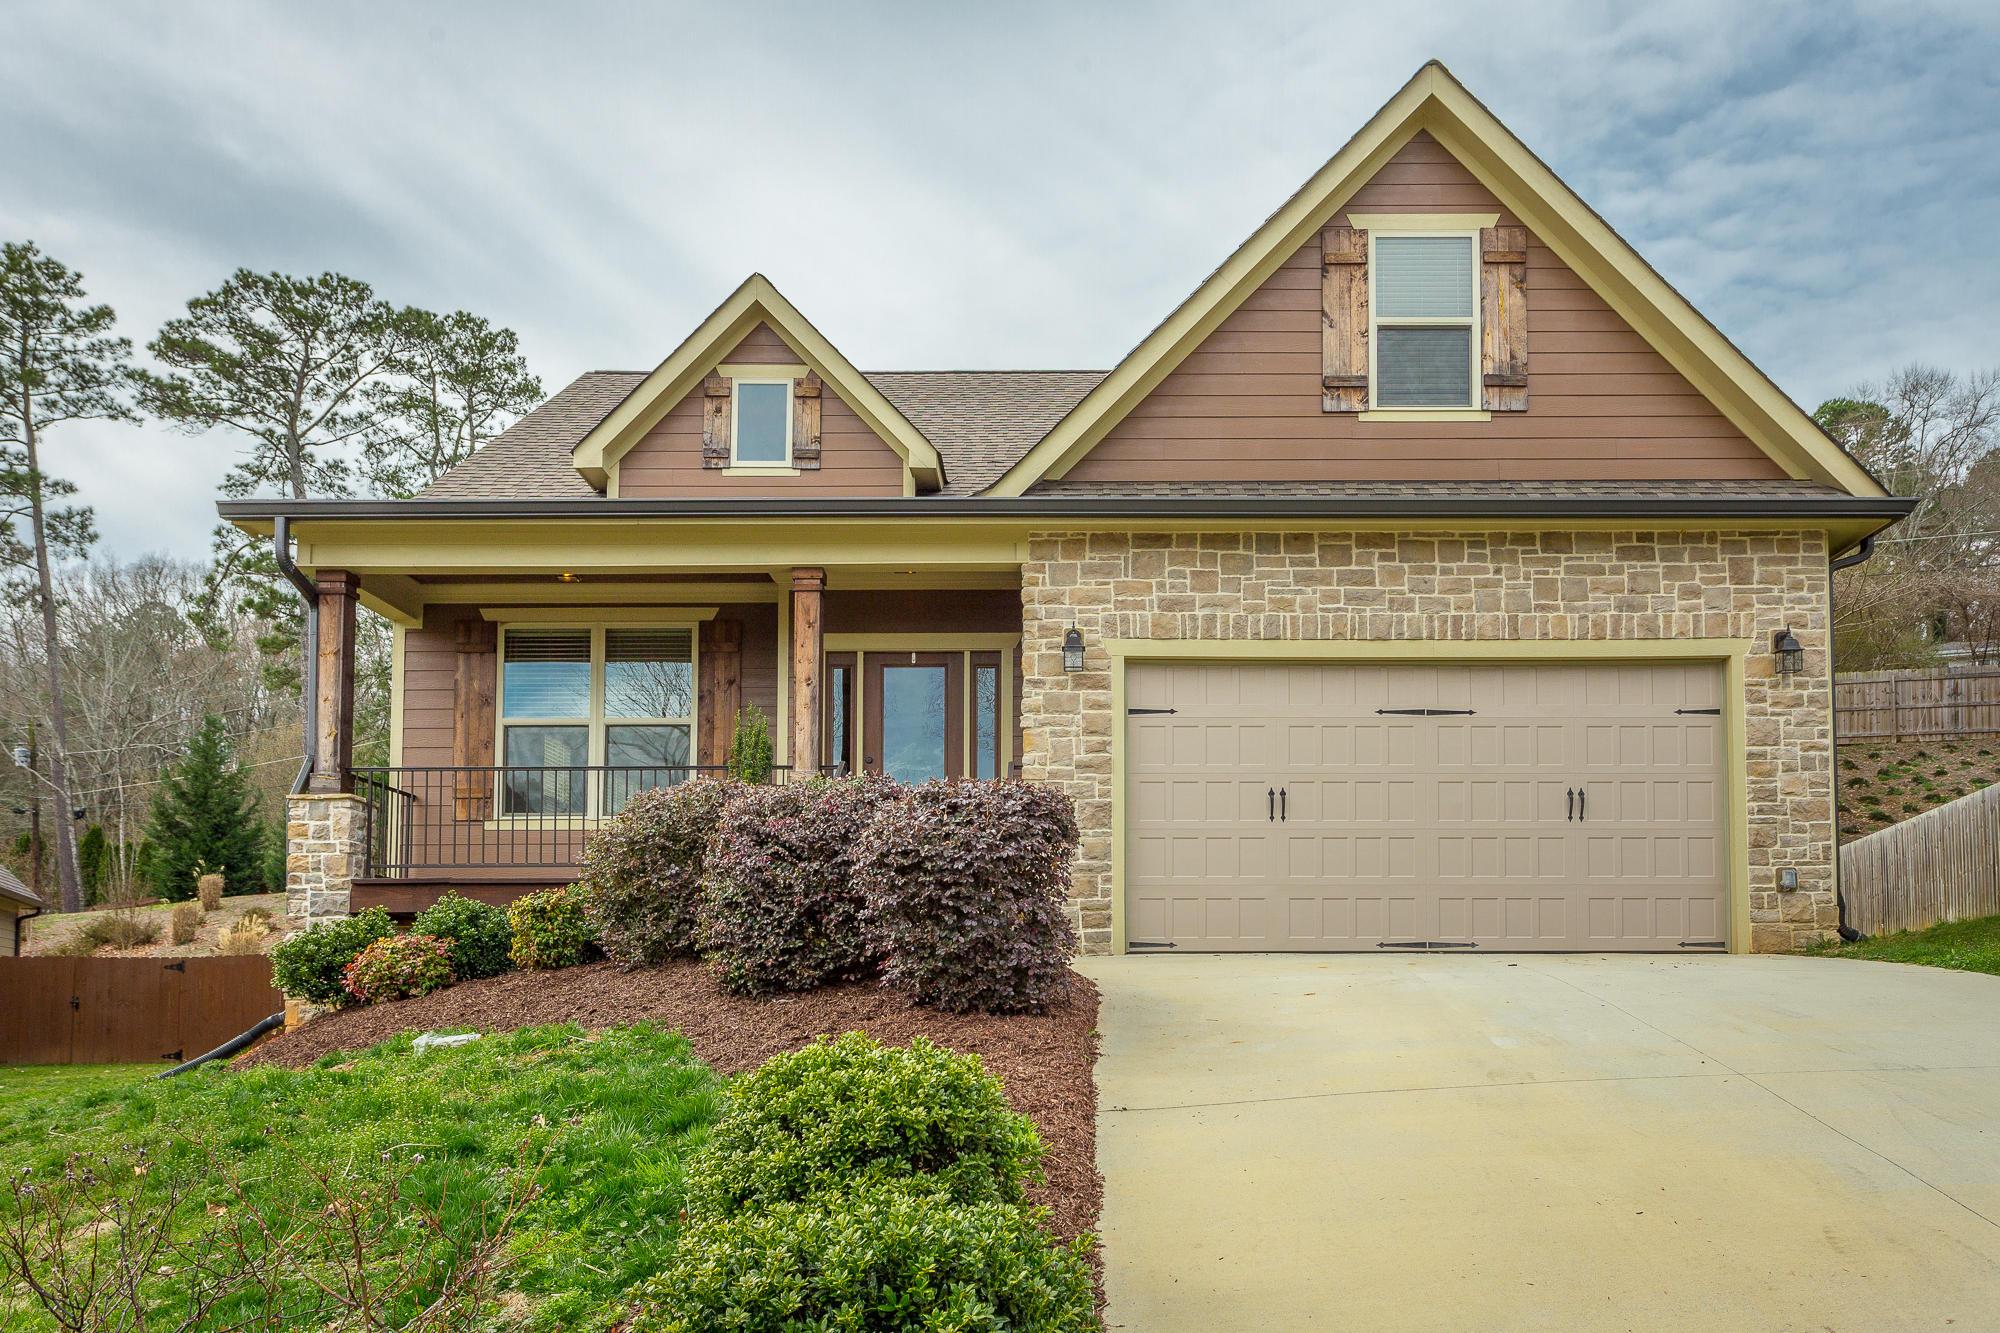 7356 Huntley Ln, Chattanooga, TN 37421